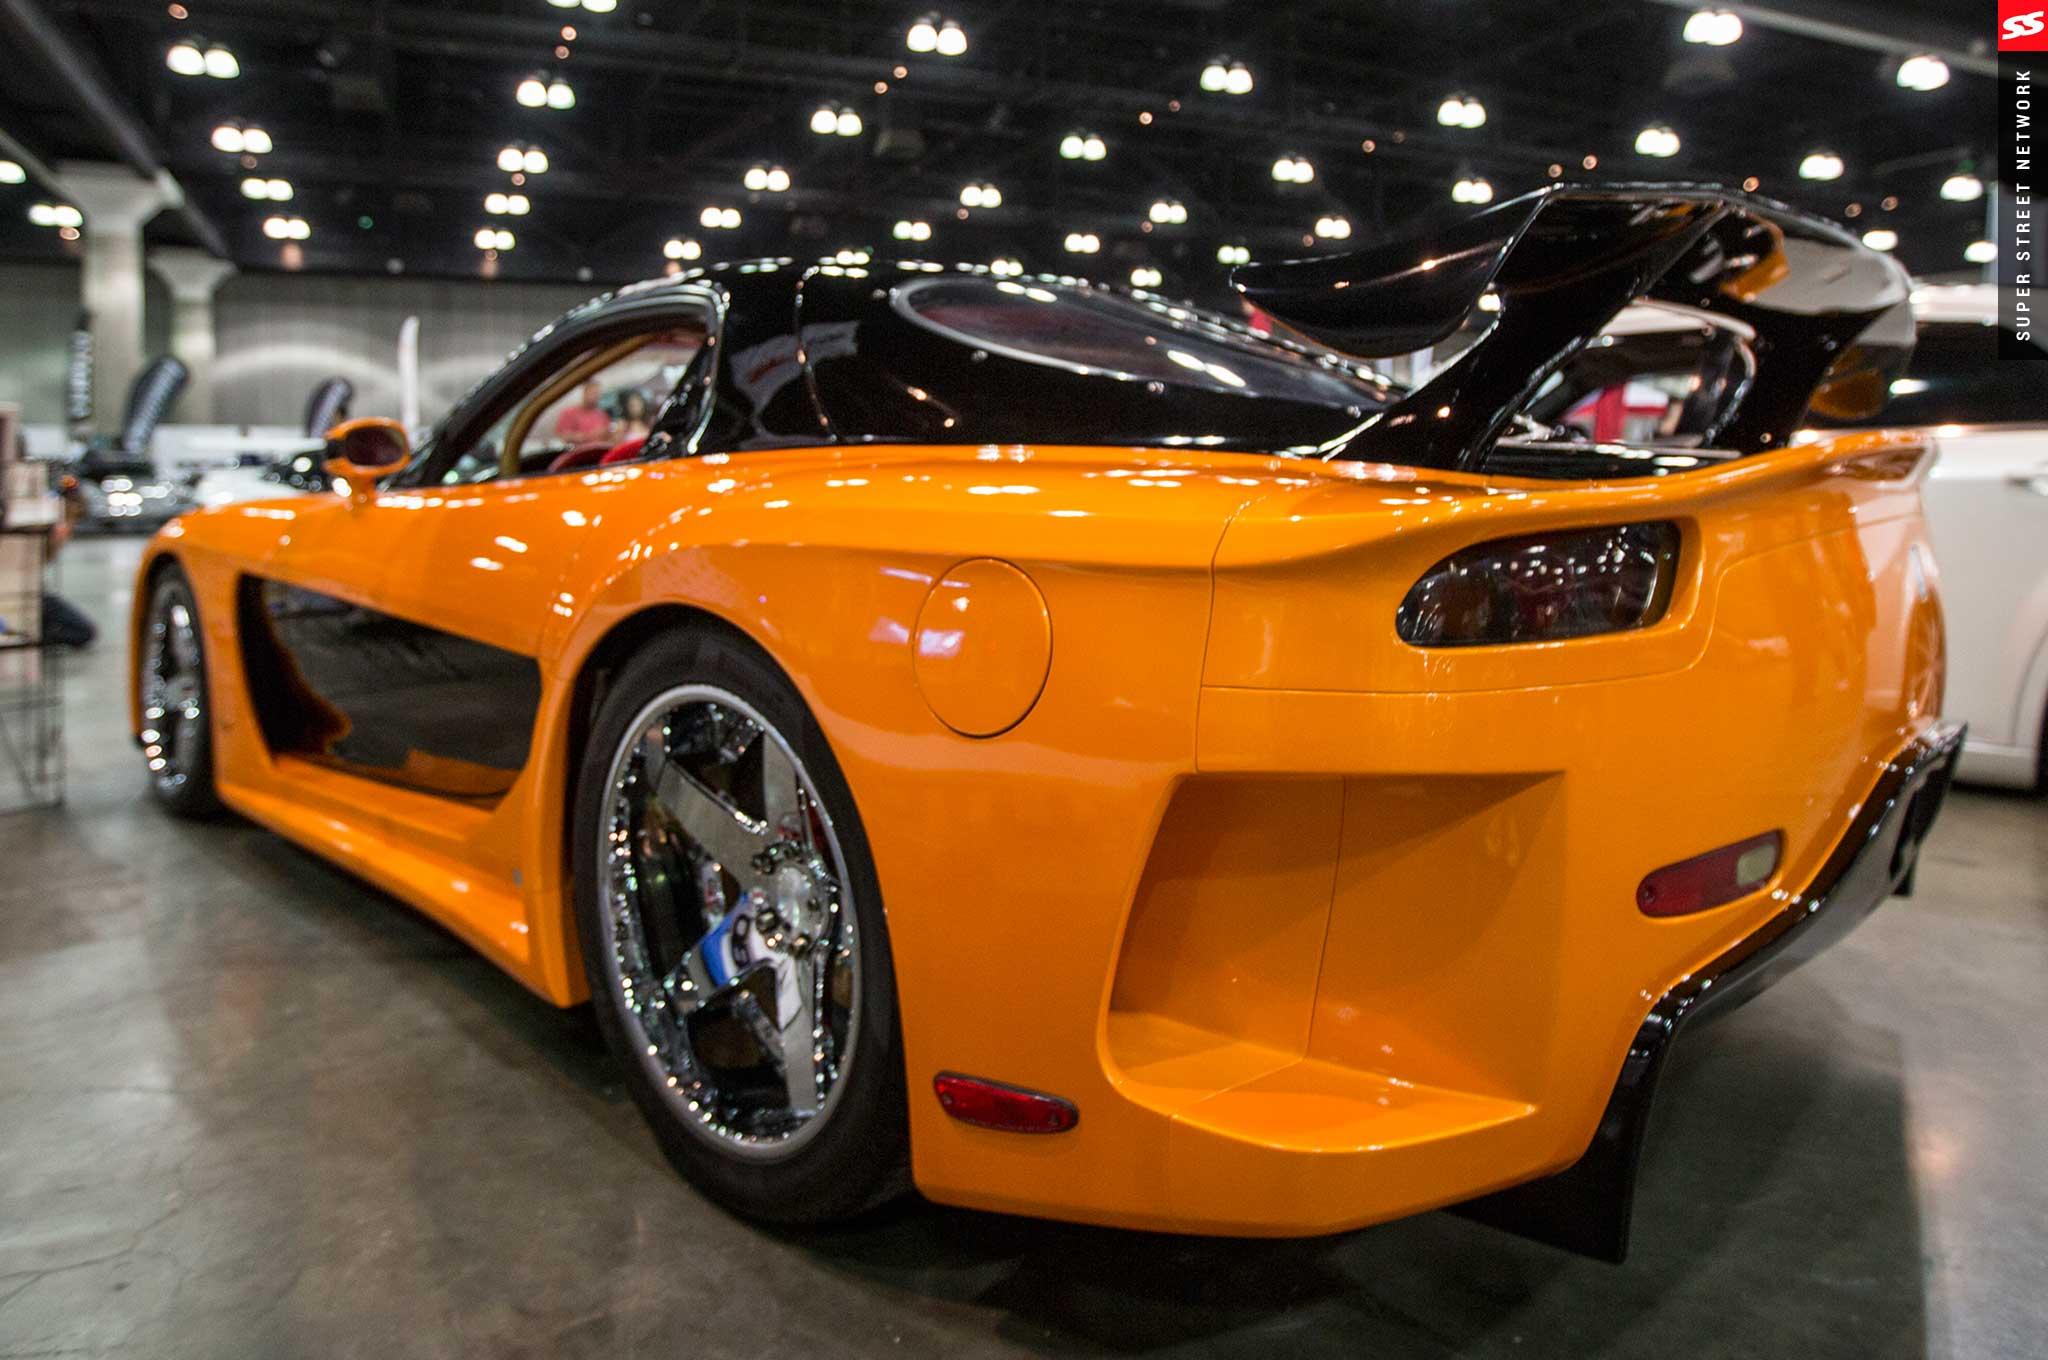 2016 Mazda Rx7 >> Throwback Mazda Rx 7 At Autocon La 2016